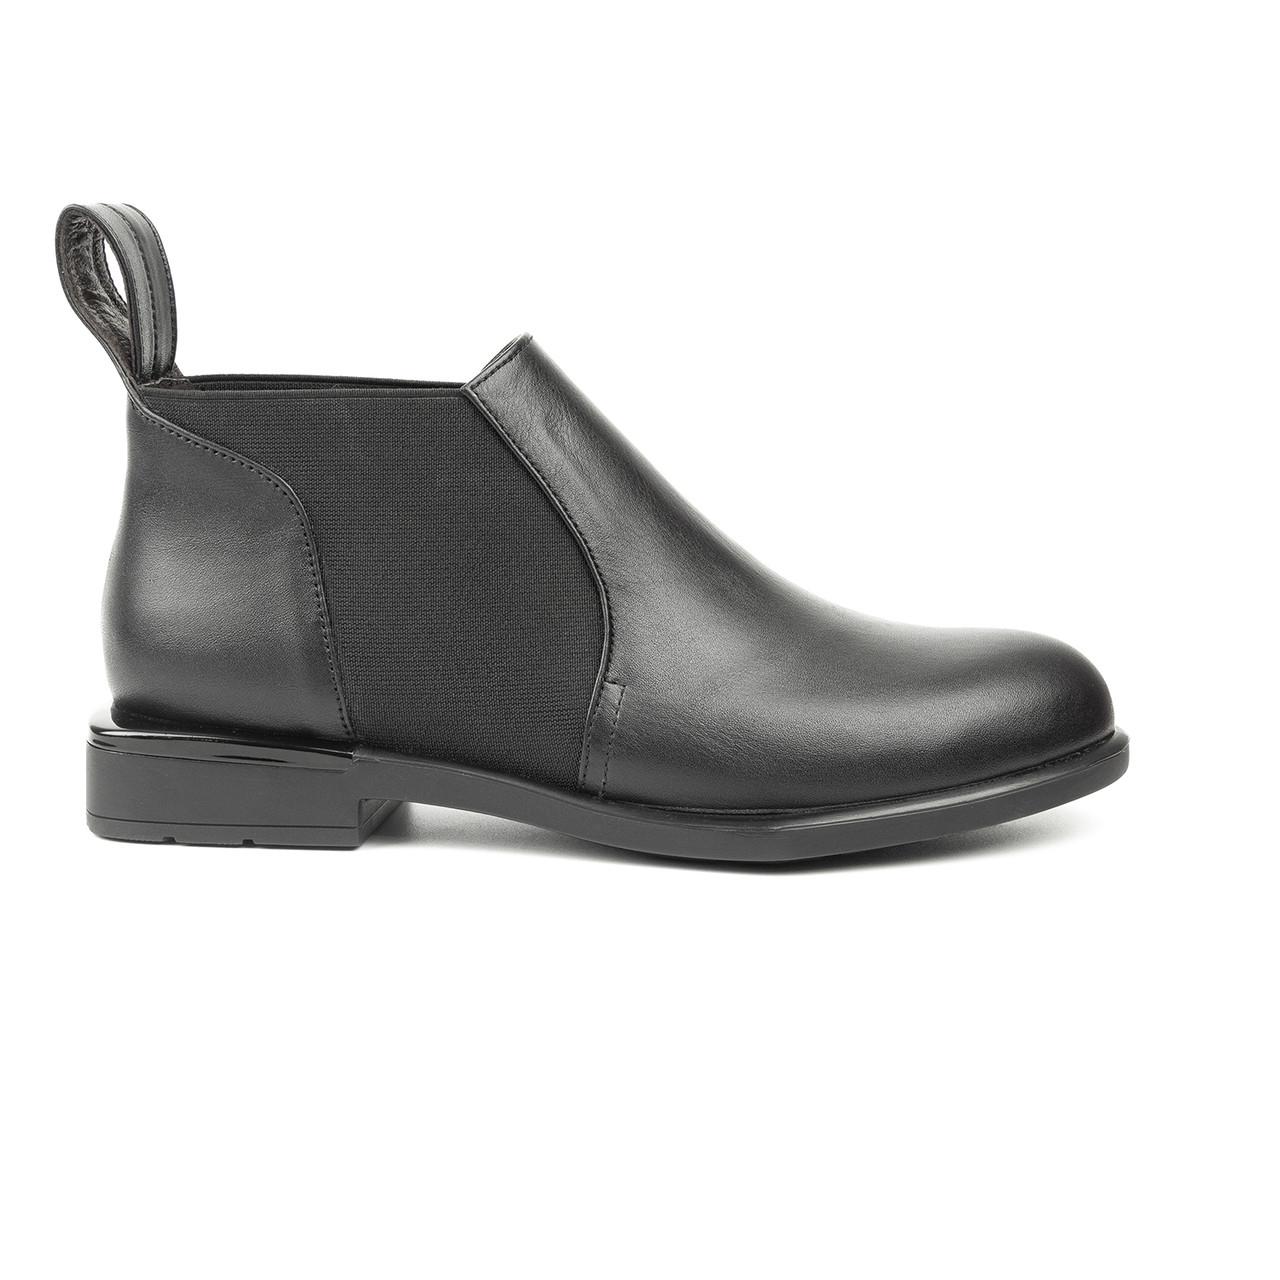 Ботинки женские Woman's heel черные (О-857)